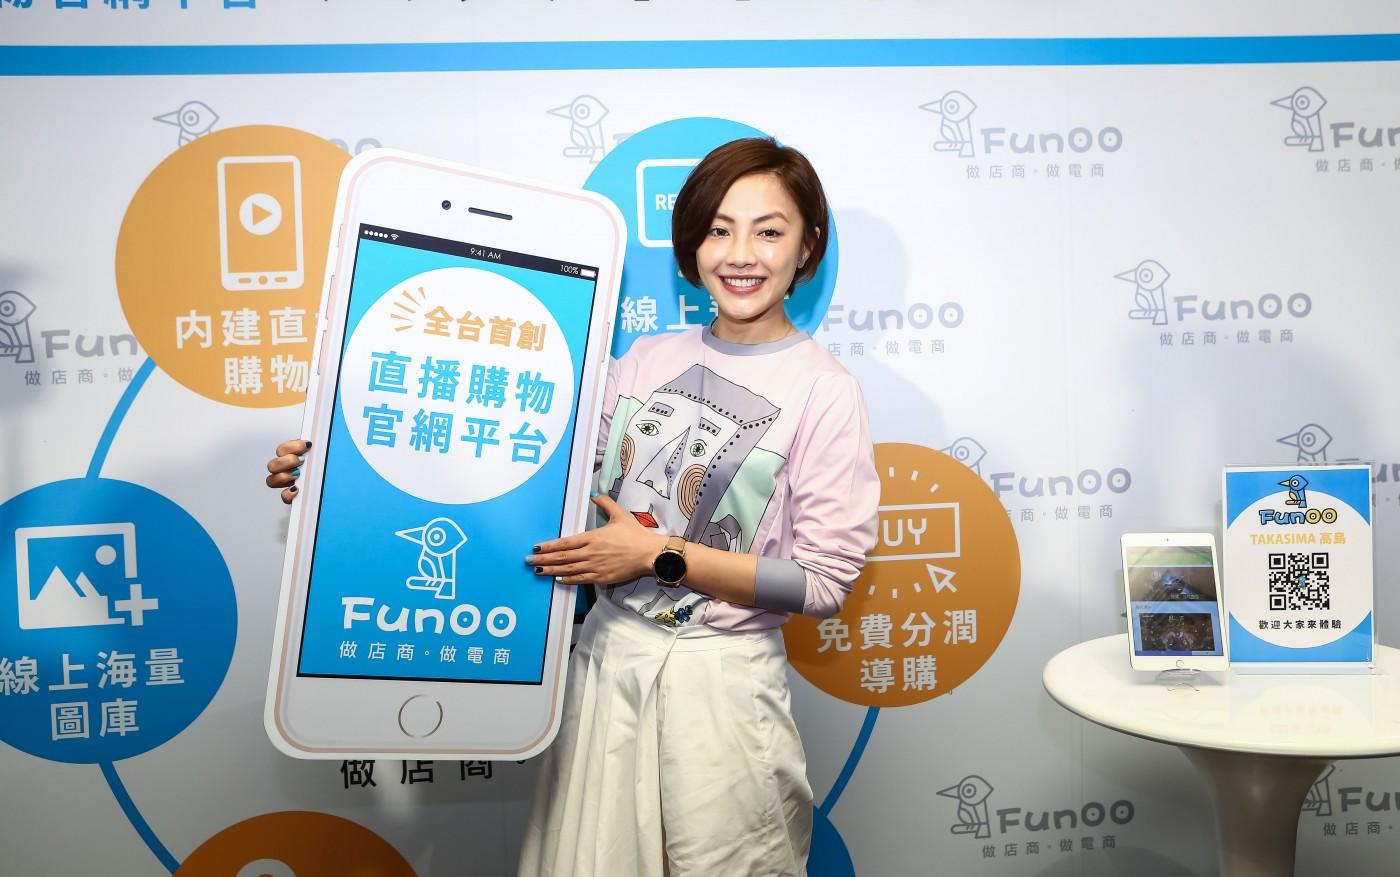 結束Shopline代理關係,方城市自創FunOO攻網路開店市場